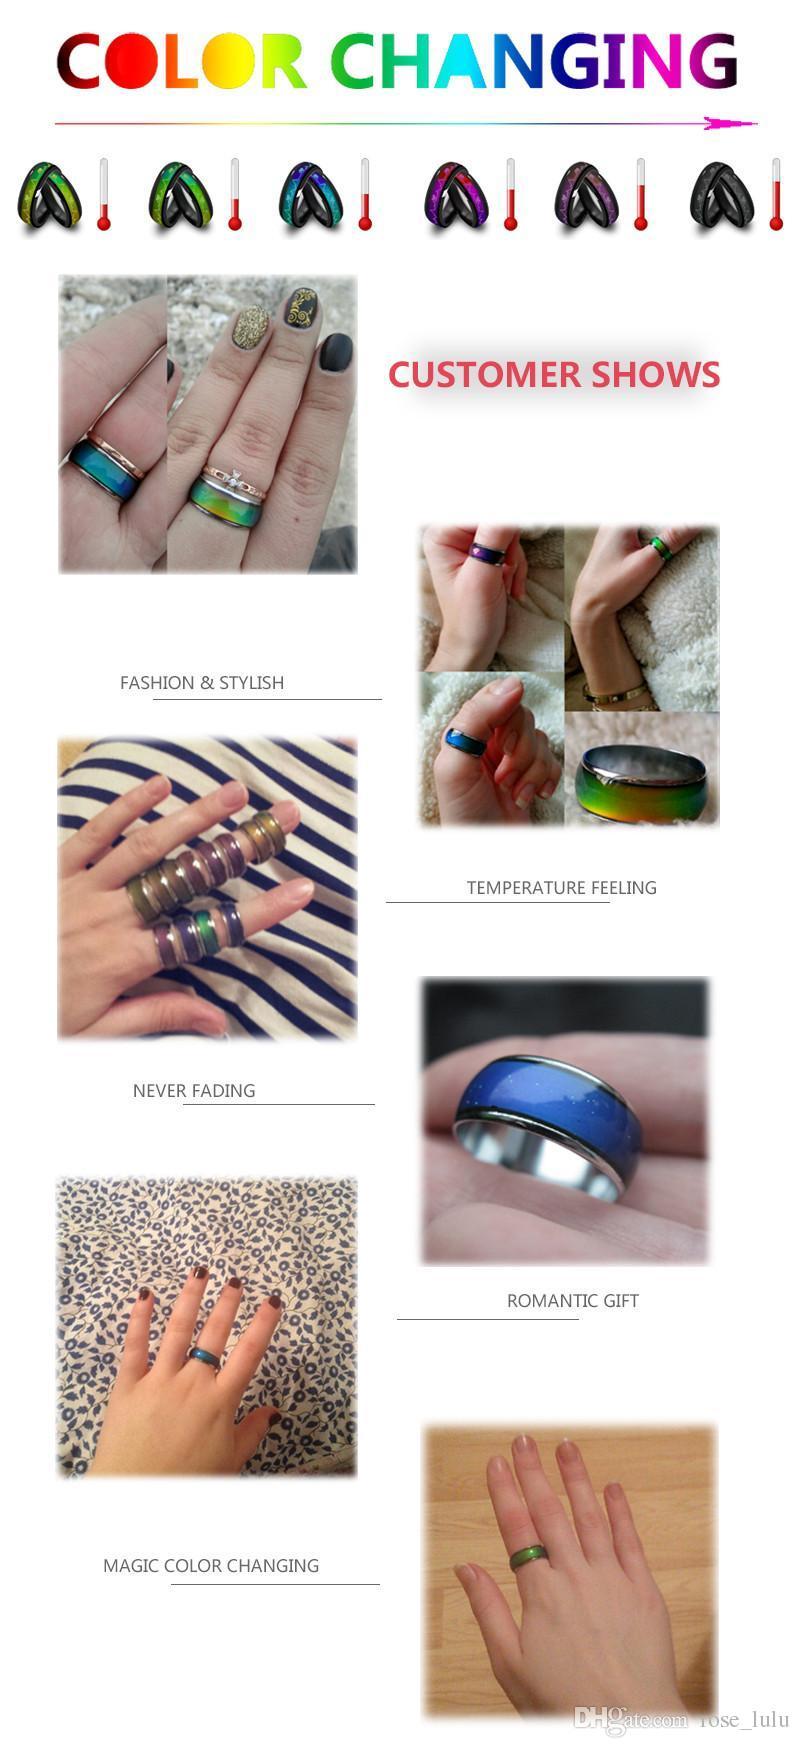 الجملة لون خاتم النساء خواتم الخطبة النحاس أصابع واسعة 6 ملليمتر ميكس الحجم الأزياء المزاج حلقة تغيير الألوان سبيكة مجوهرات dhl شحن